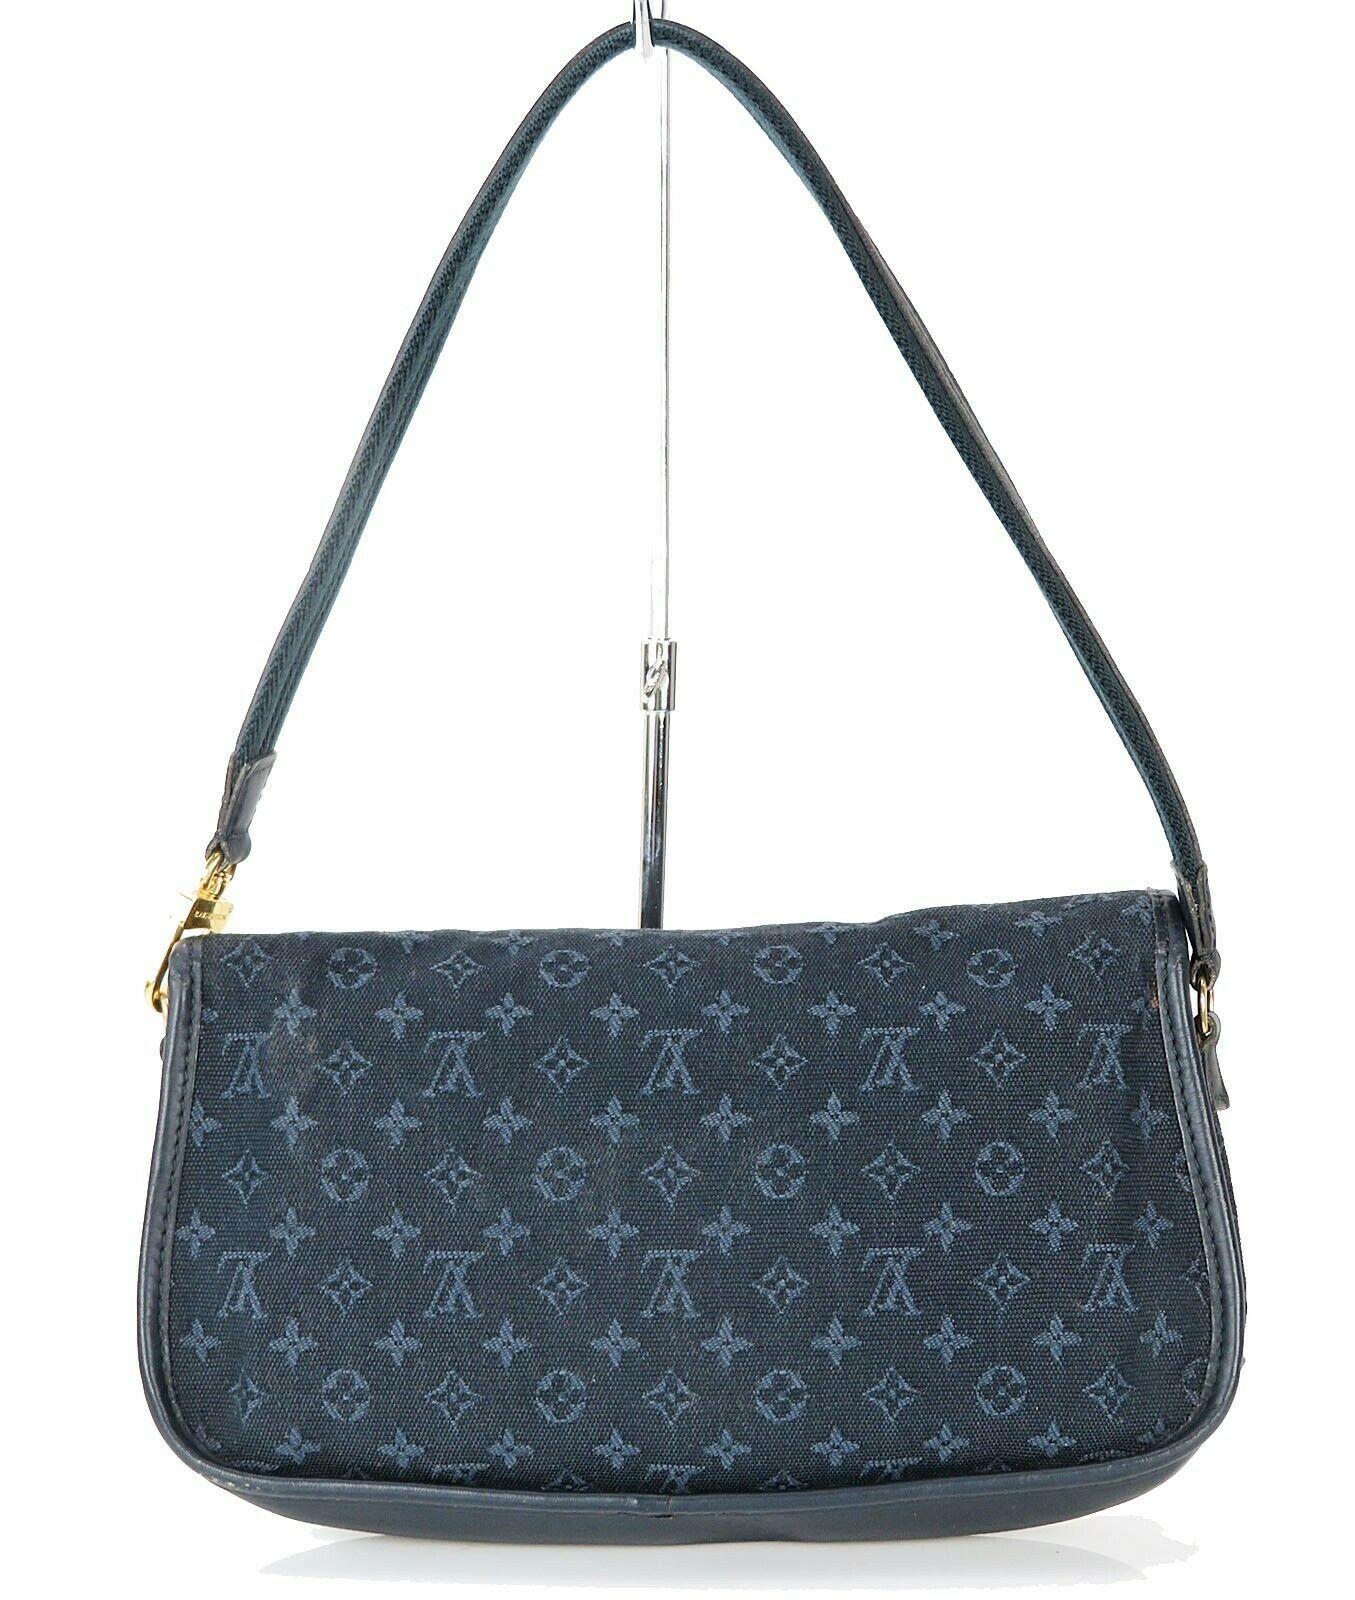 Authentic LOUIS VUITTON Marjorie Blue Monogram Mini Lin Shoulder Bag #34709 image 3